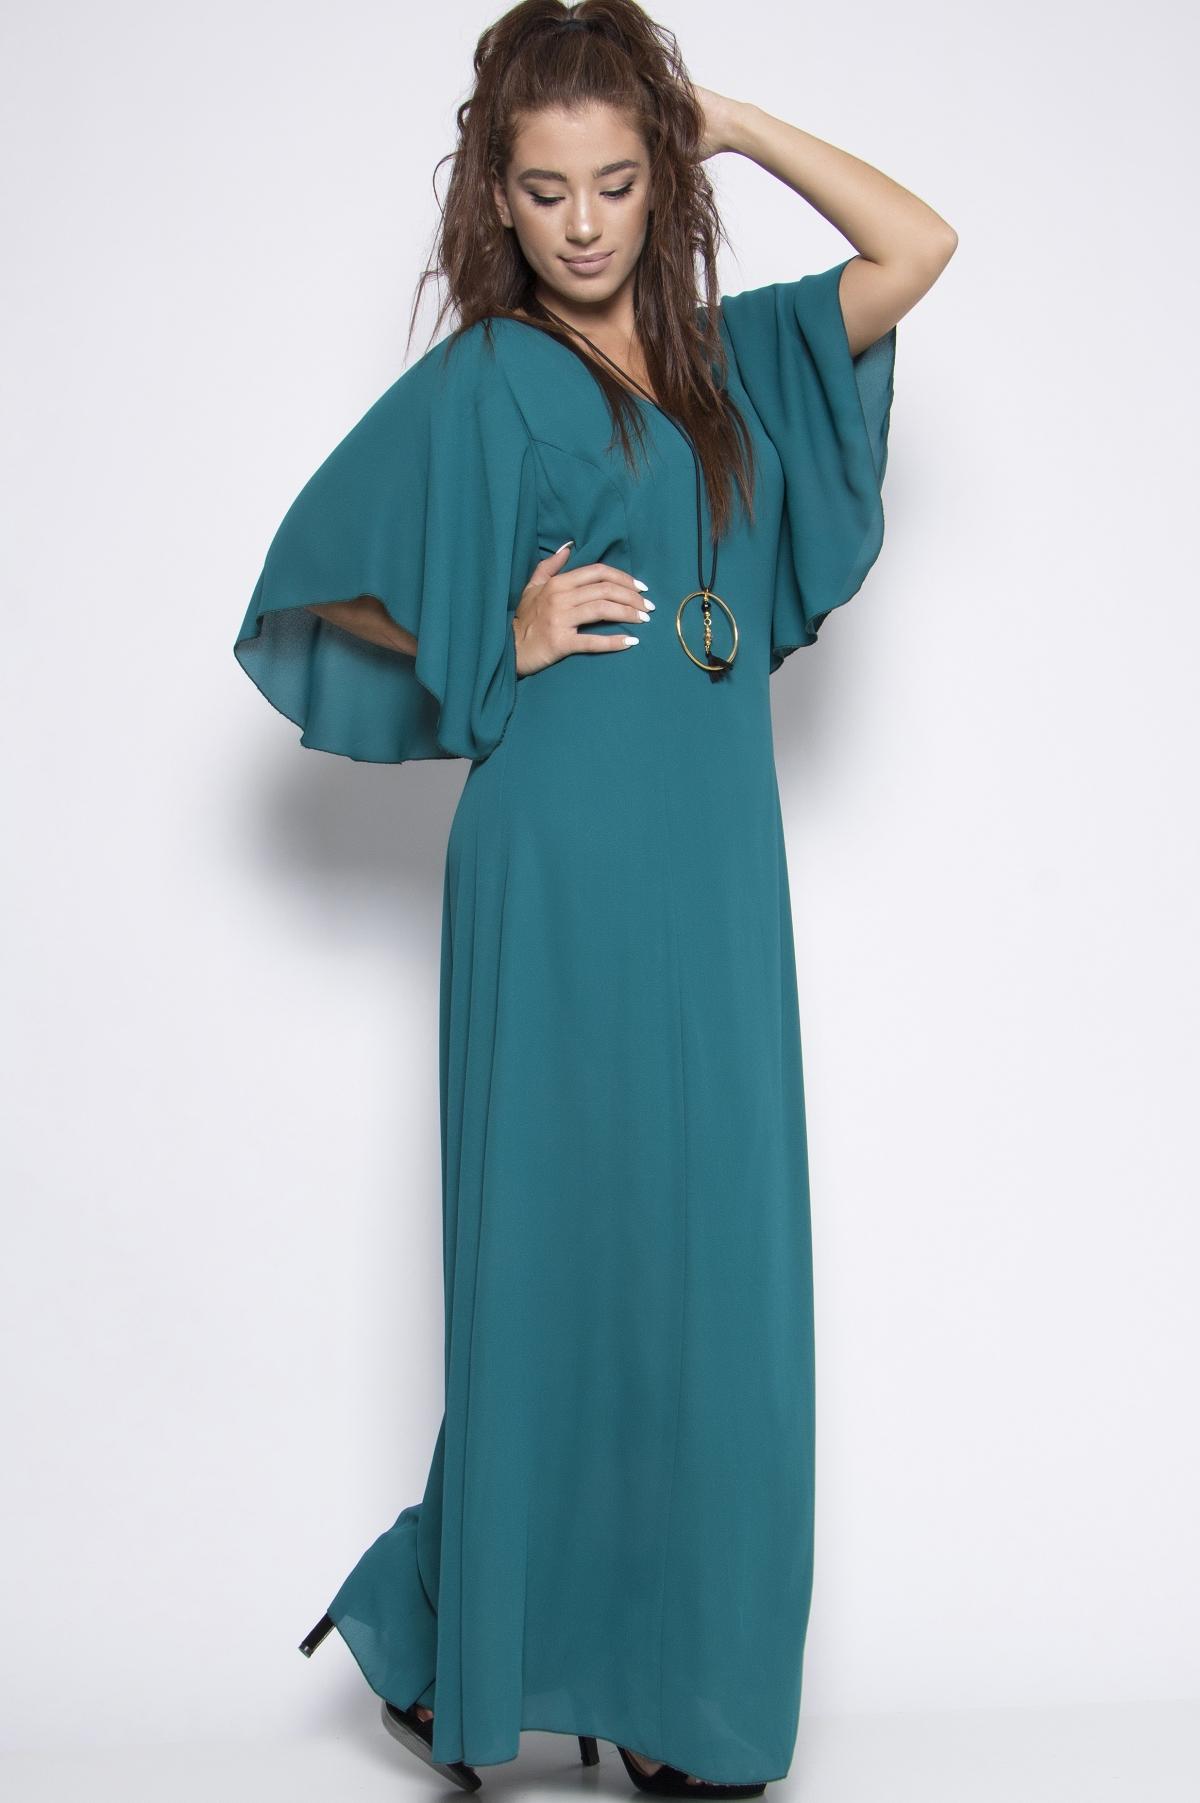 ΦΟΡΕΜΑ ΜΑΧΙ - Real Lady - Shop Online 9650982b641